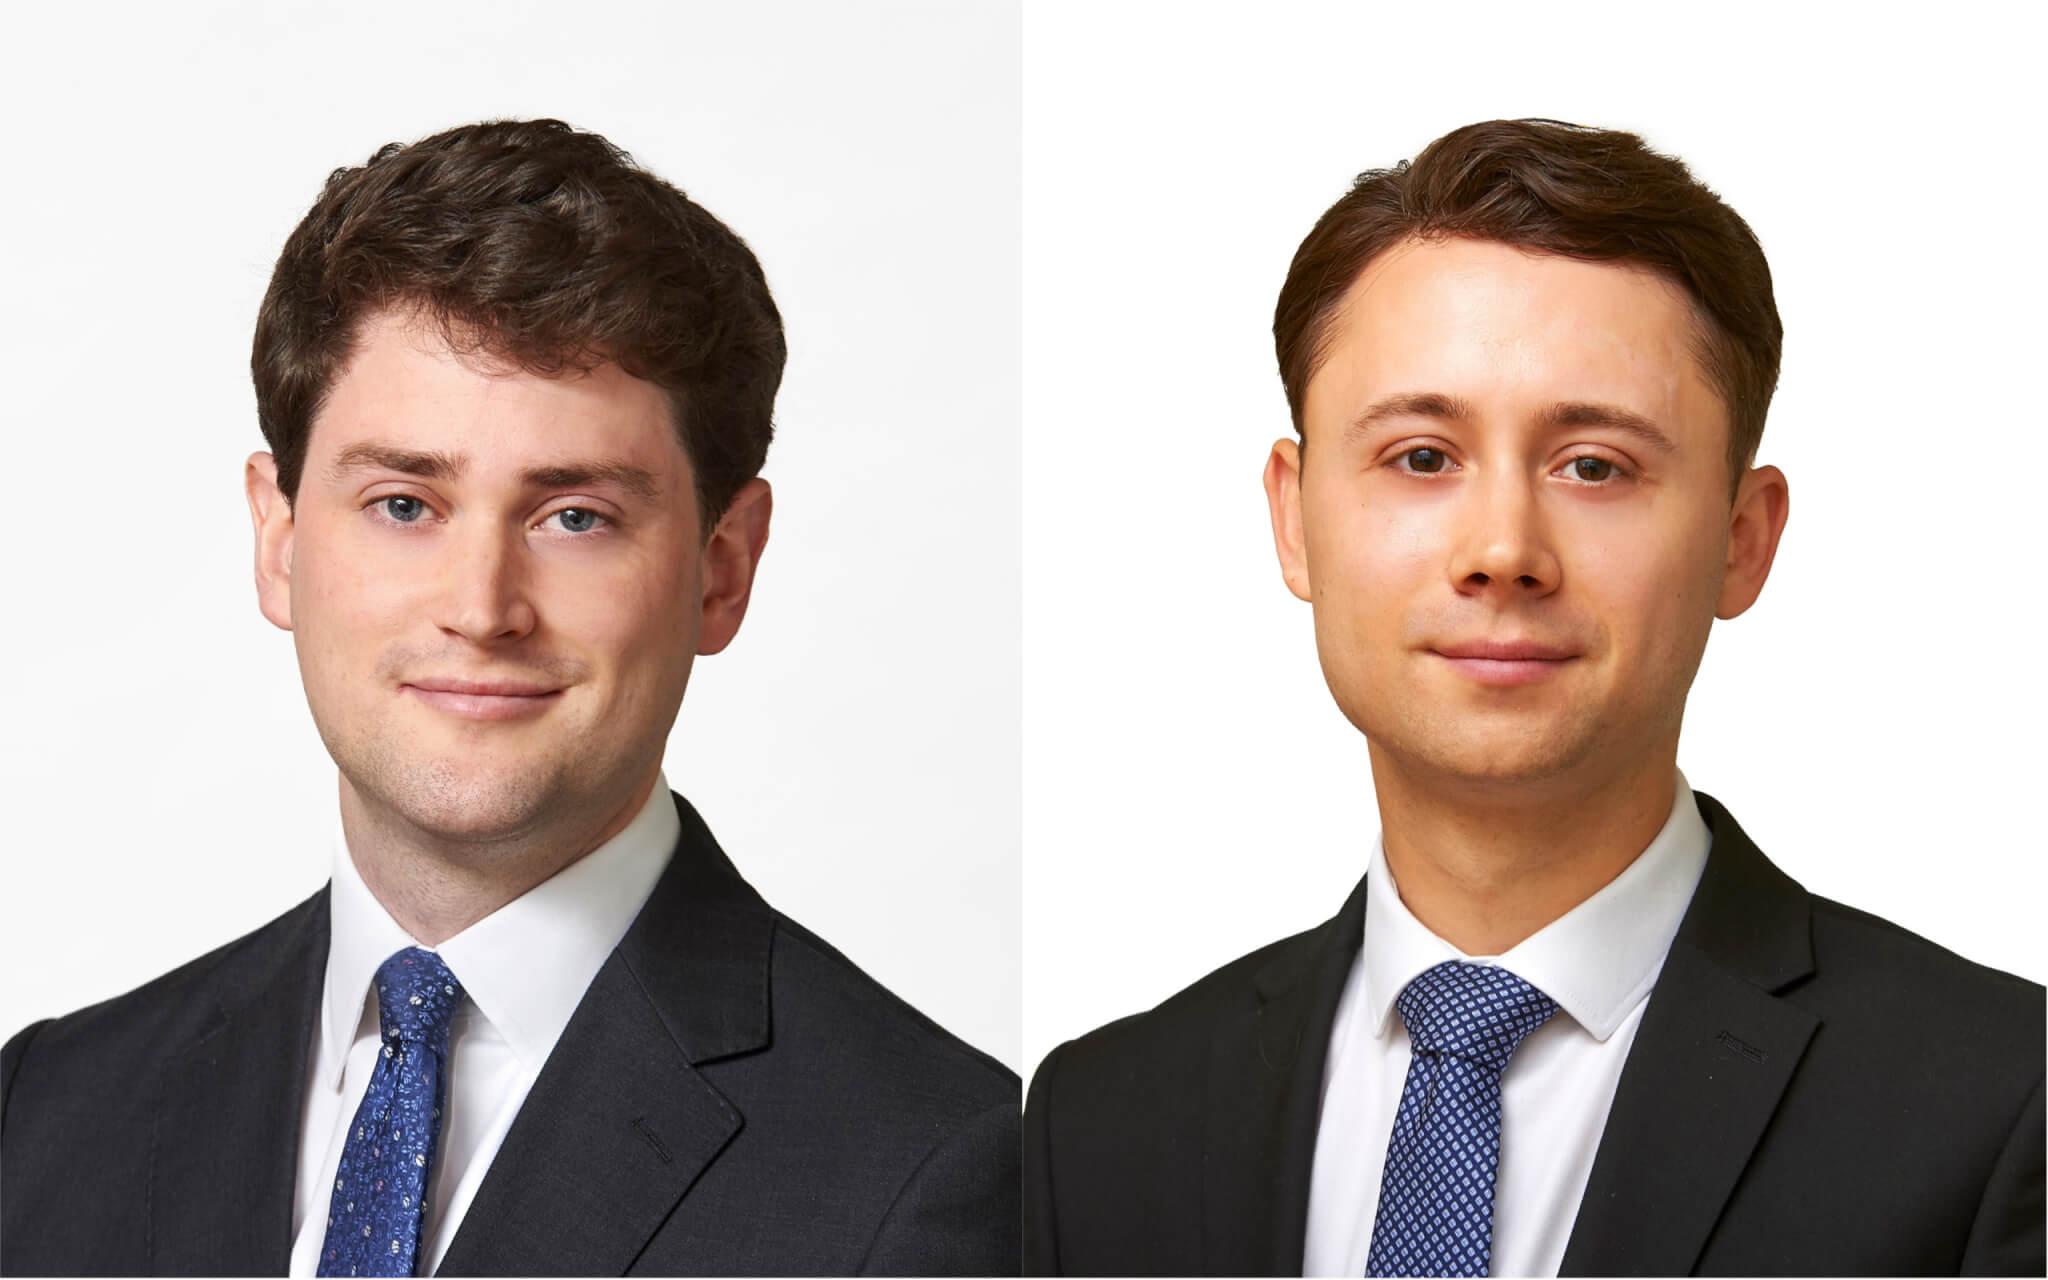 7KBW welcomes new tenants – James Bailey and Adam van Schaik